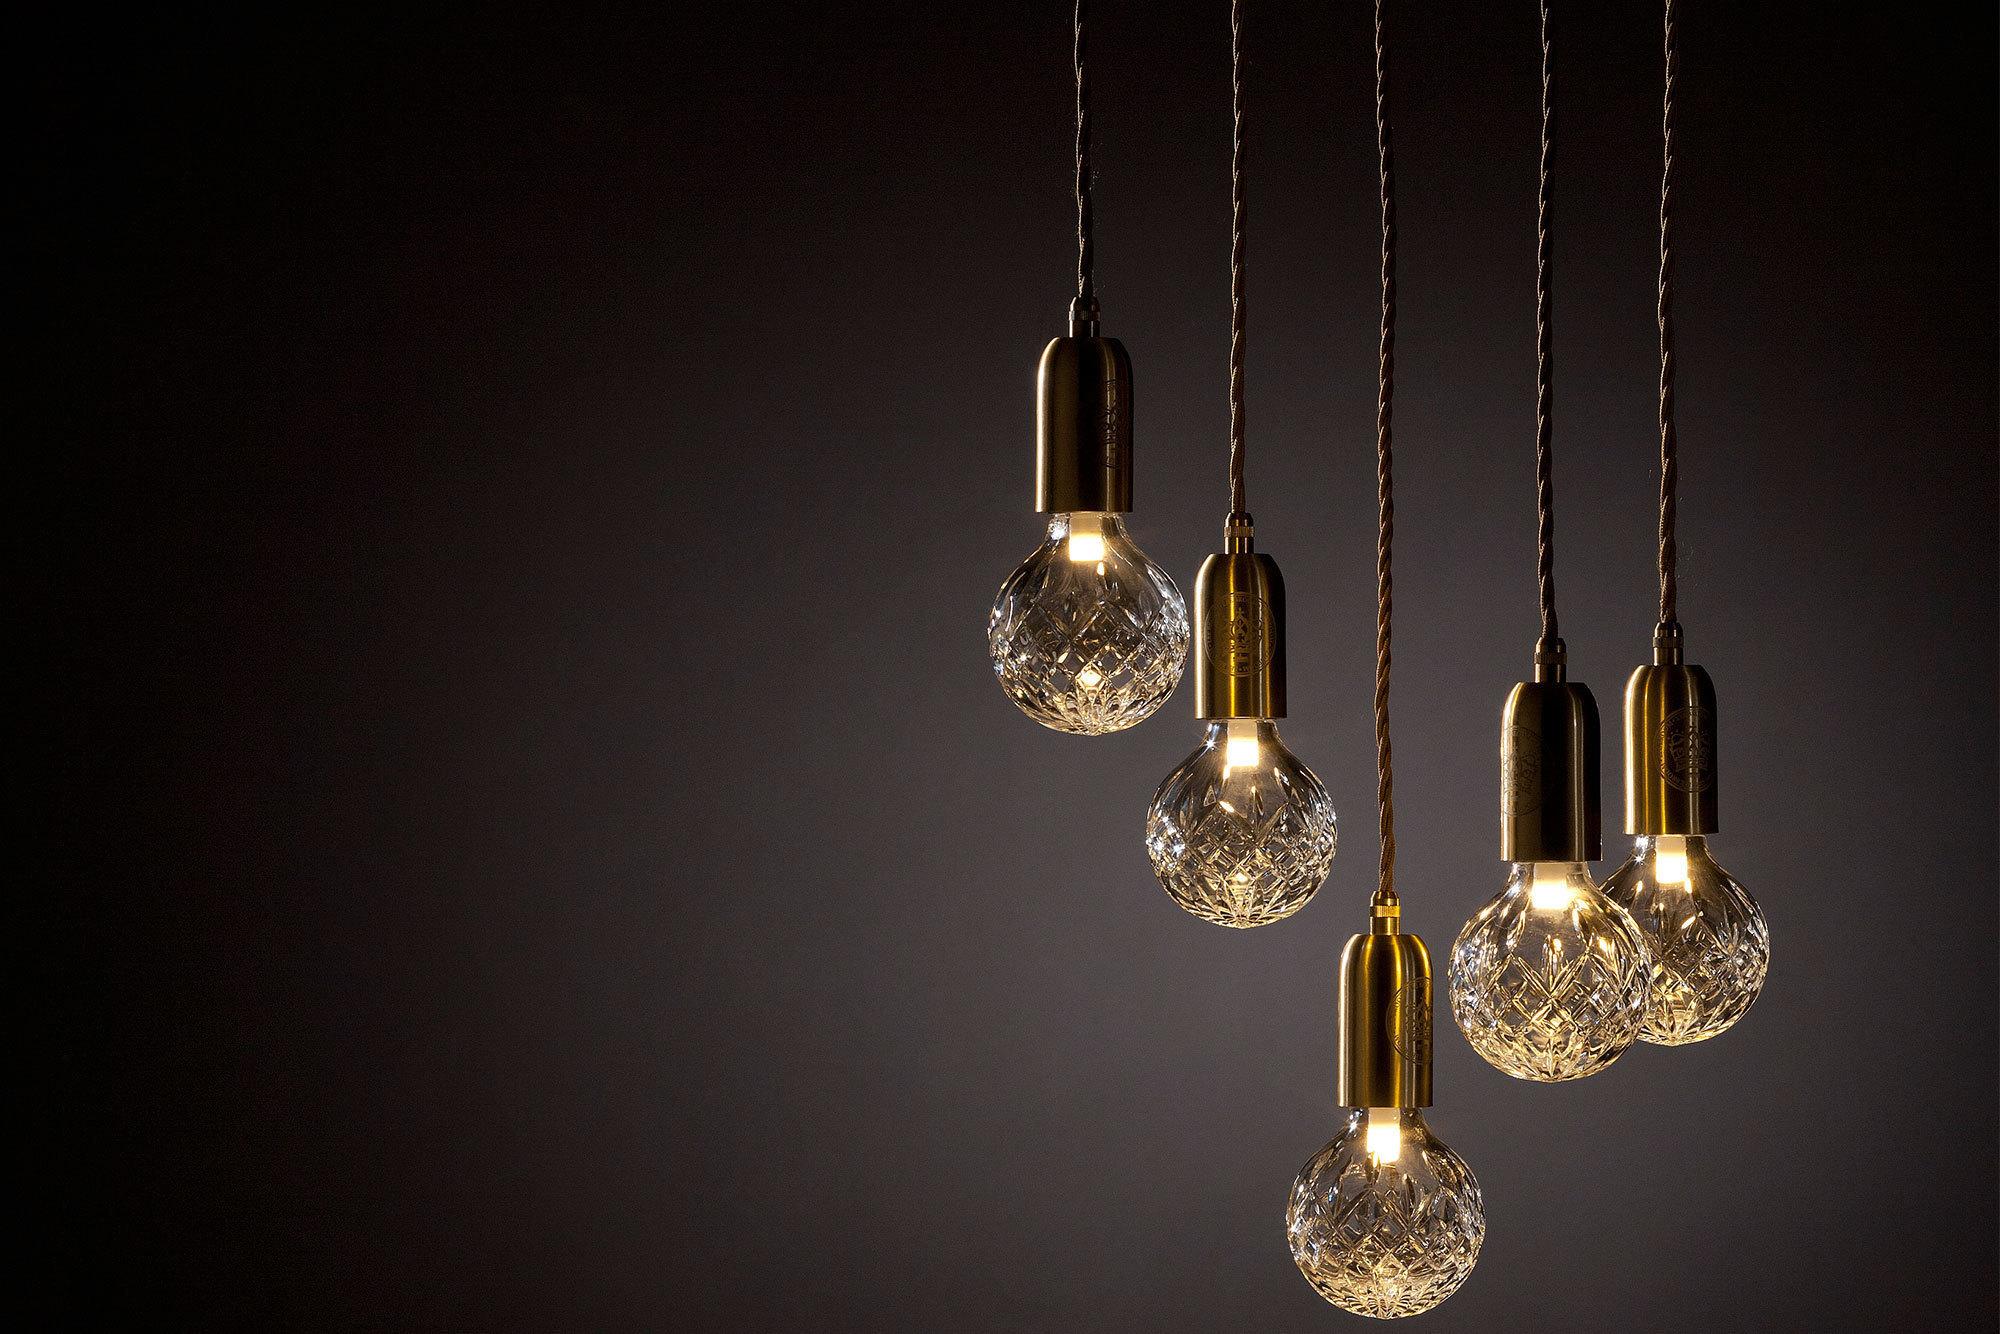 Подвесной светильник Crystal Bulb by Lee Broom (прозрачный)